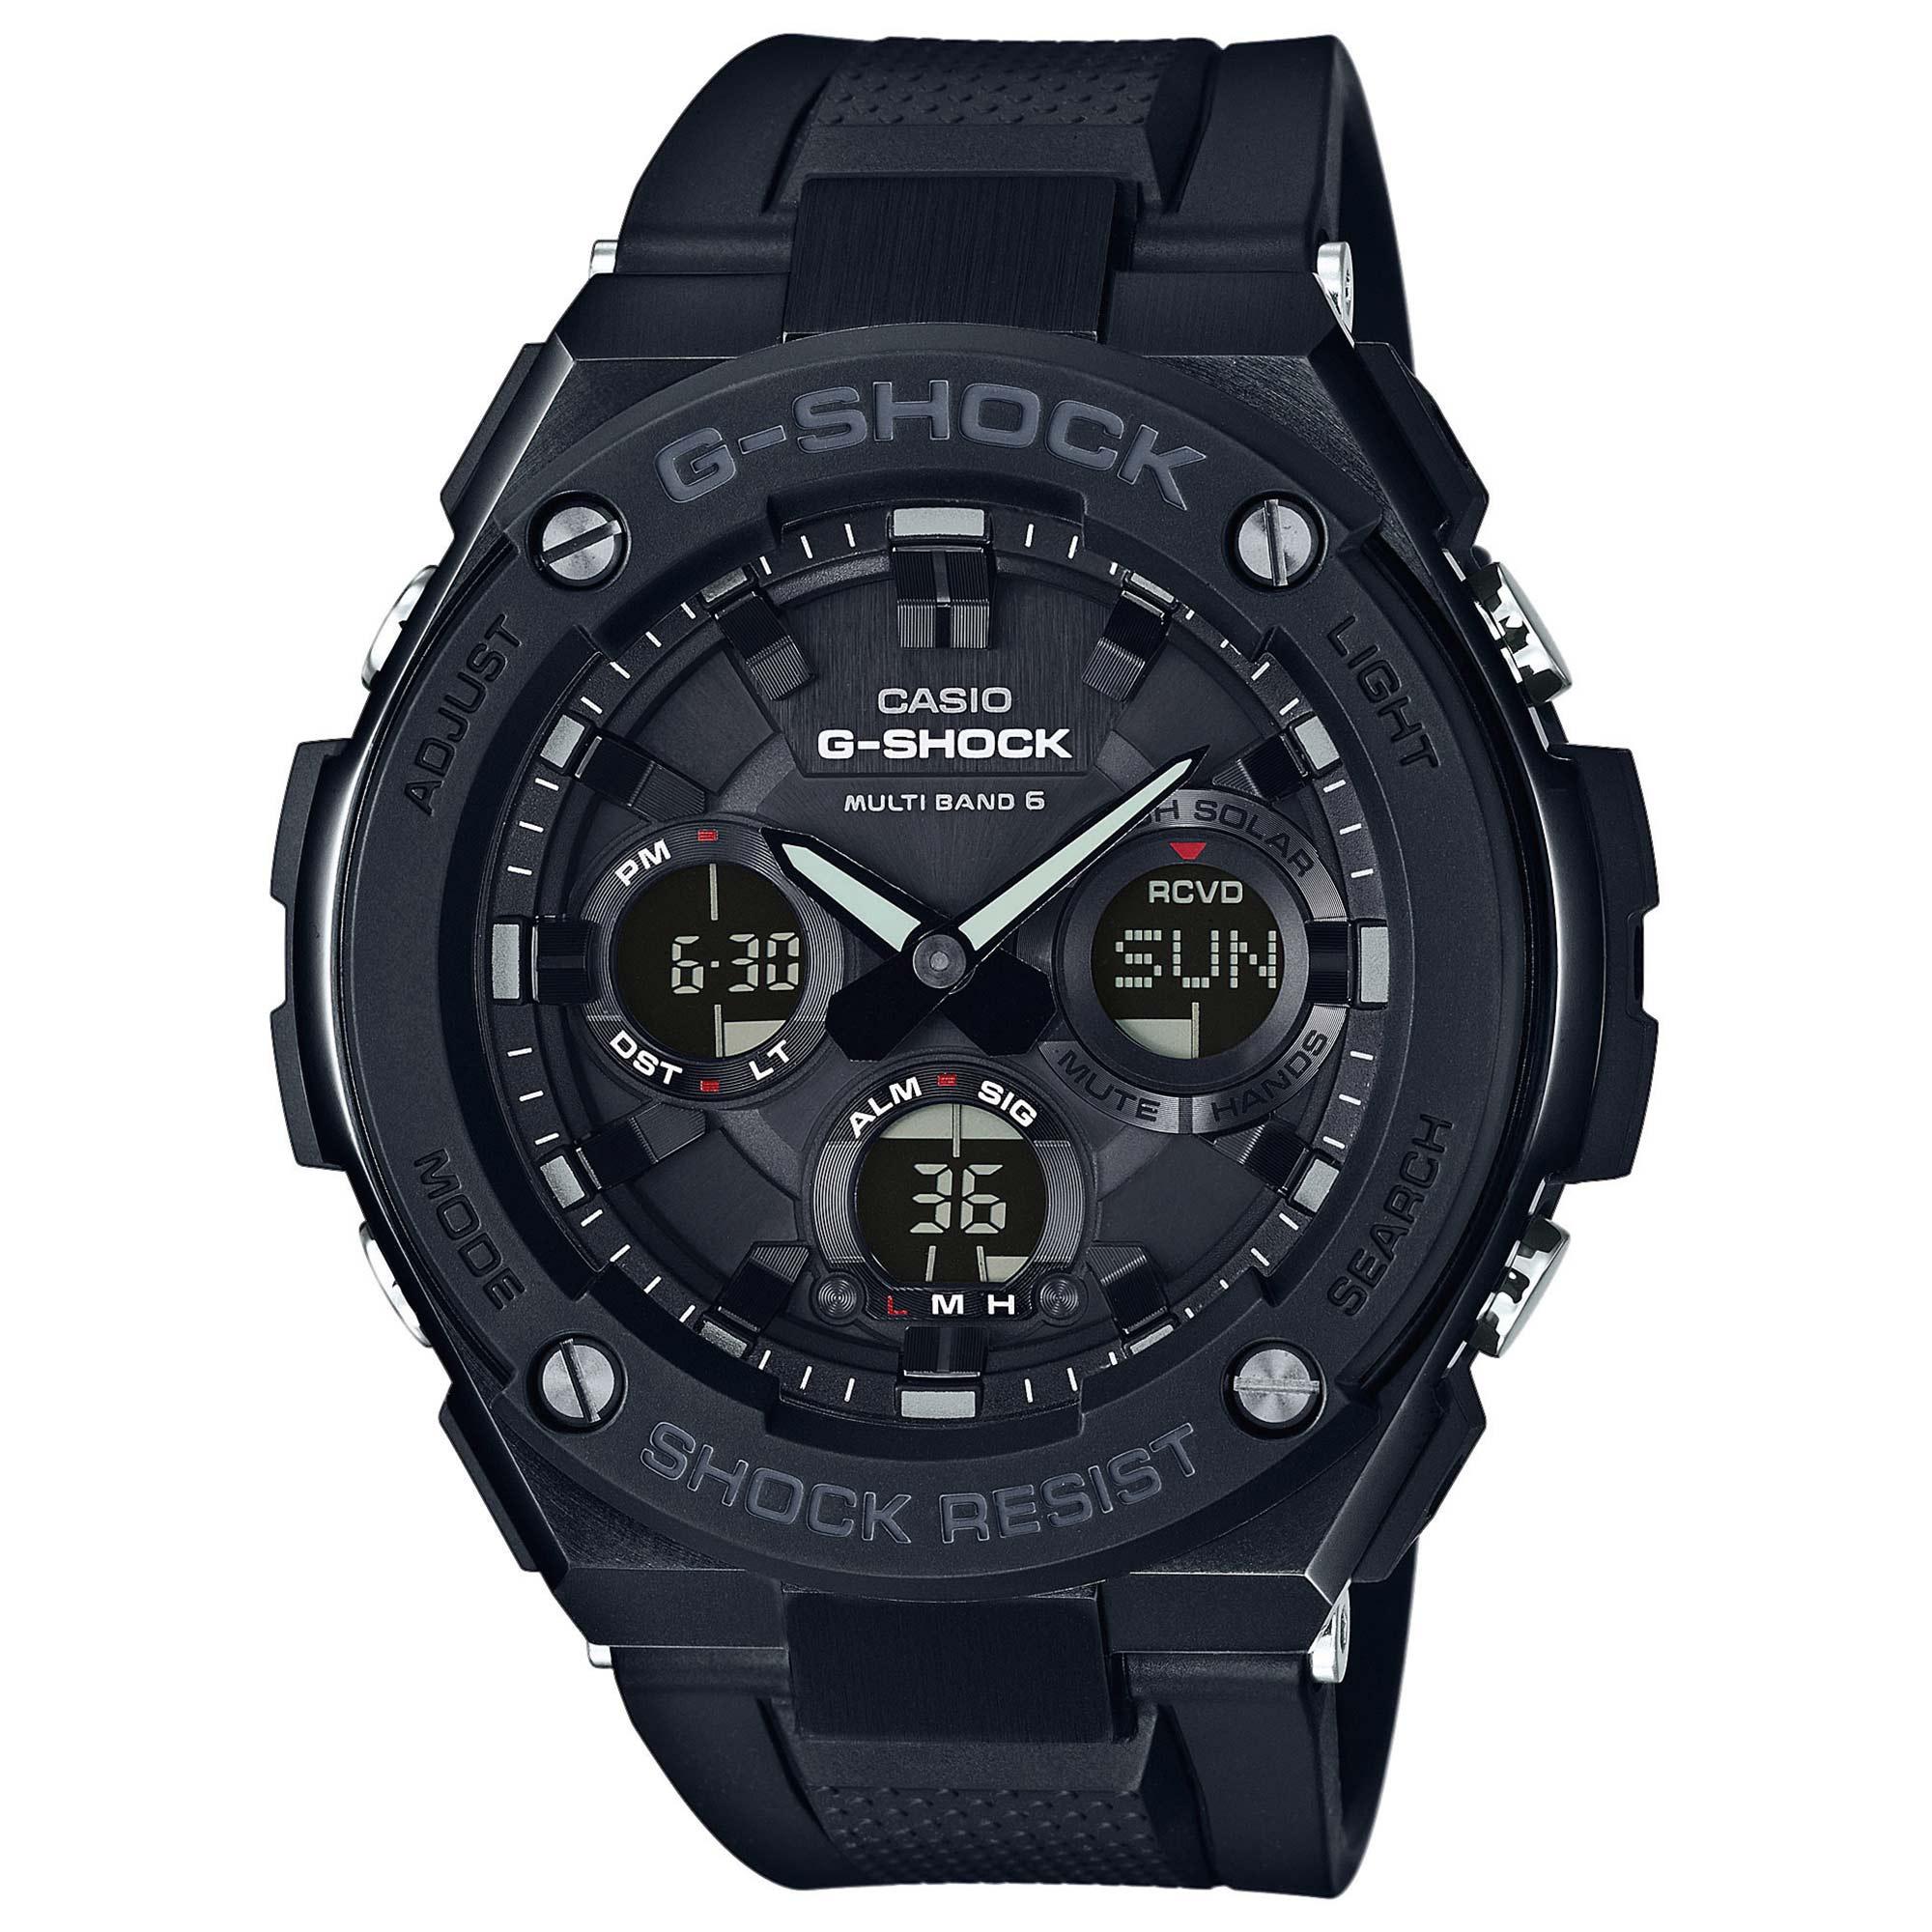 Casio Uhr G-Shock G-Steel GST-W100G-1BER schwarz